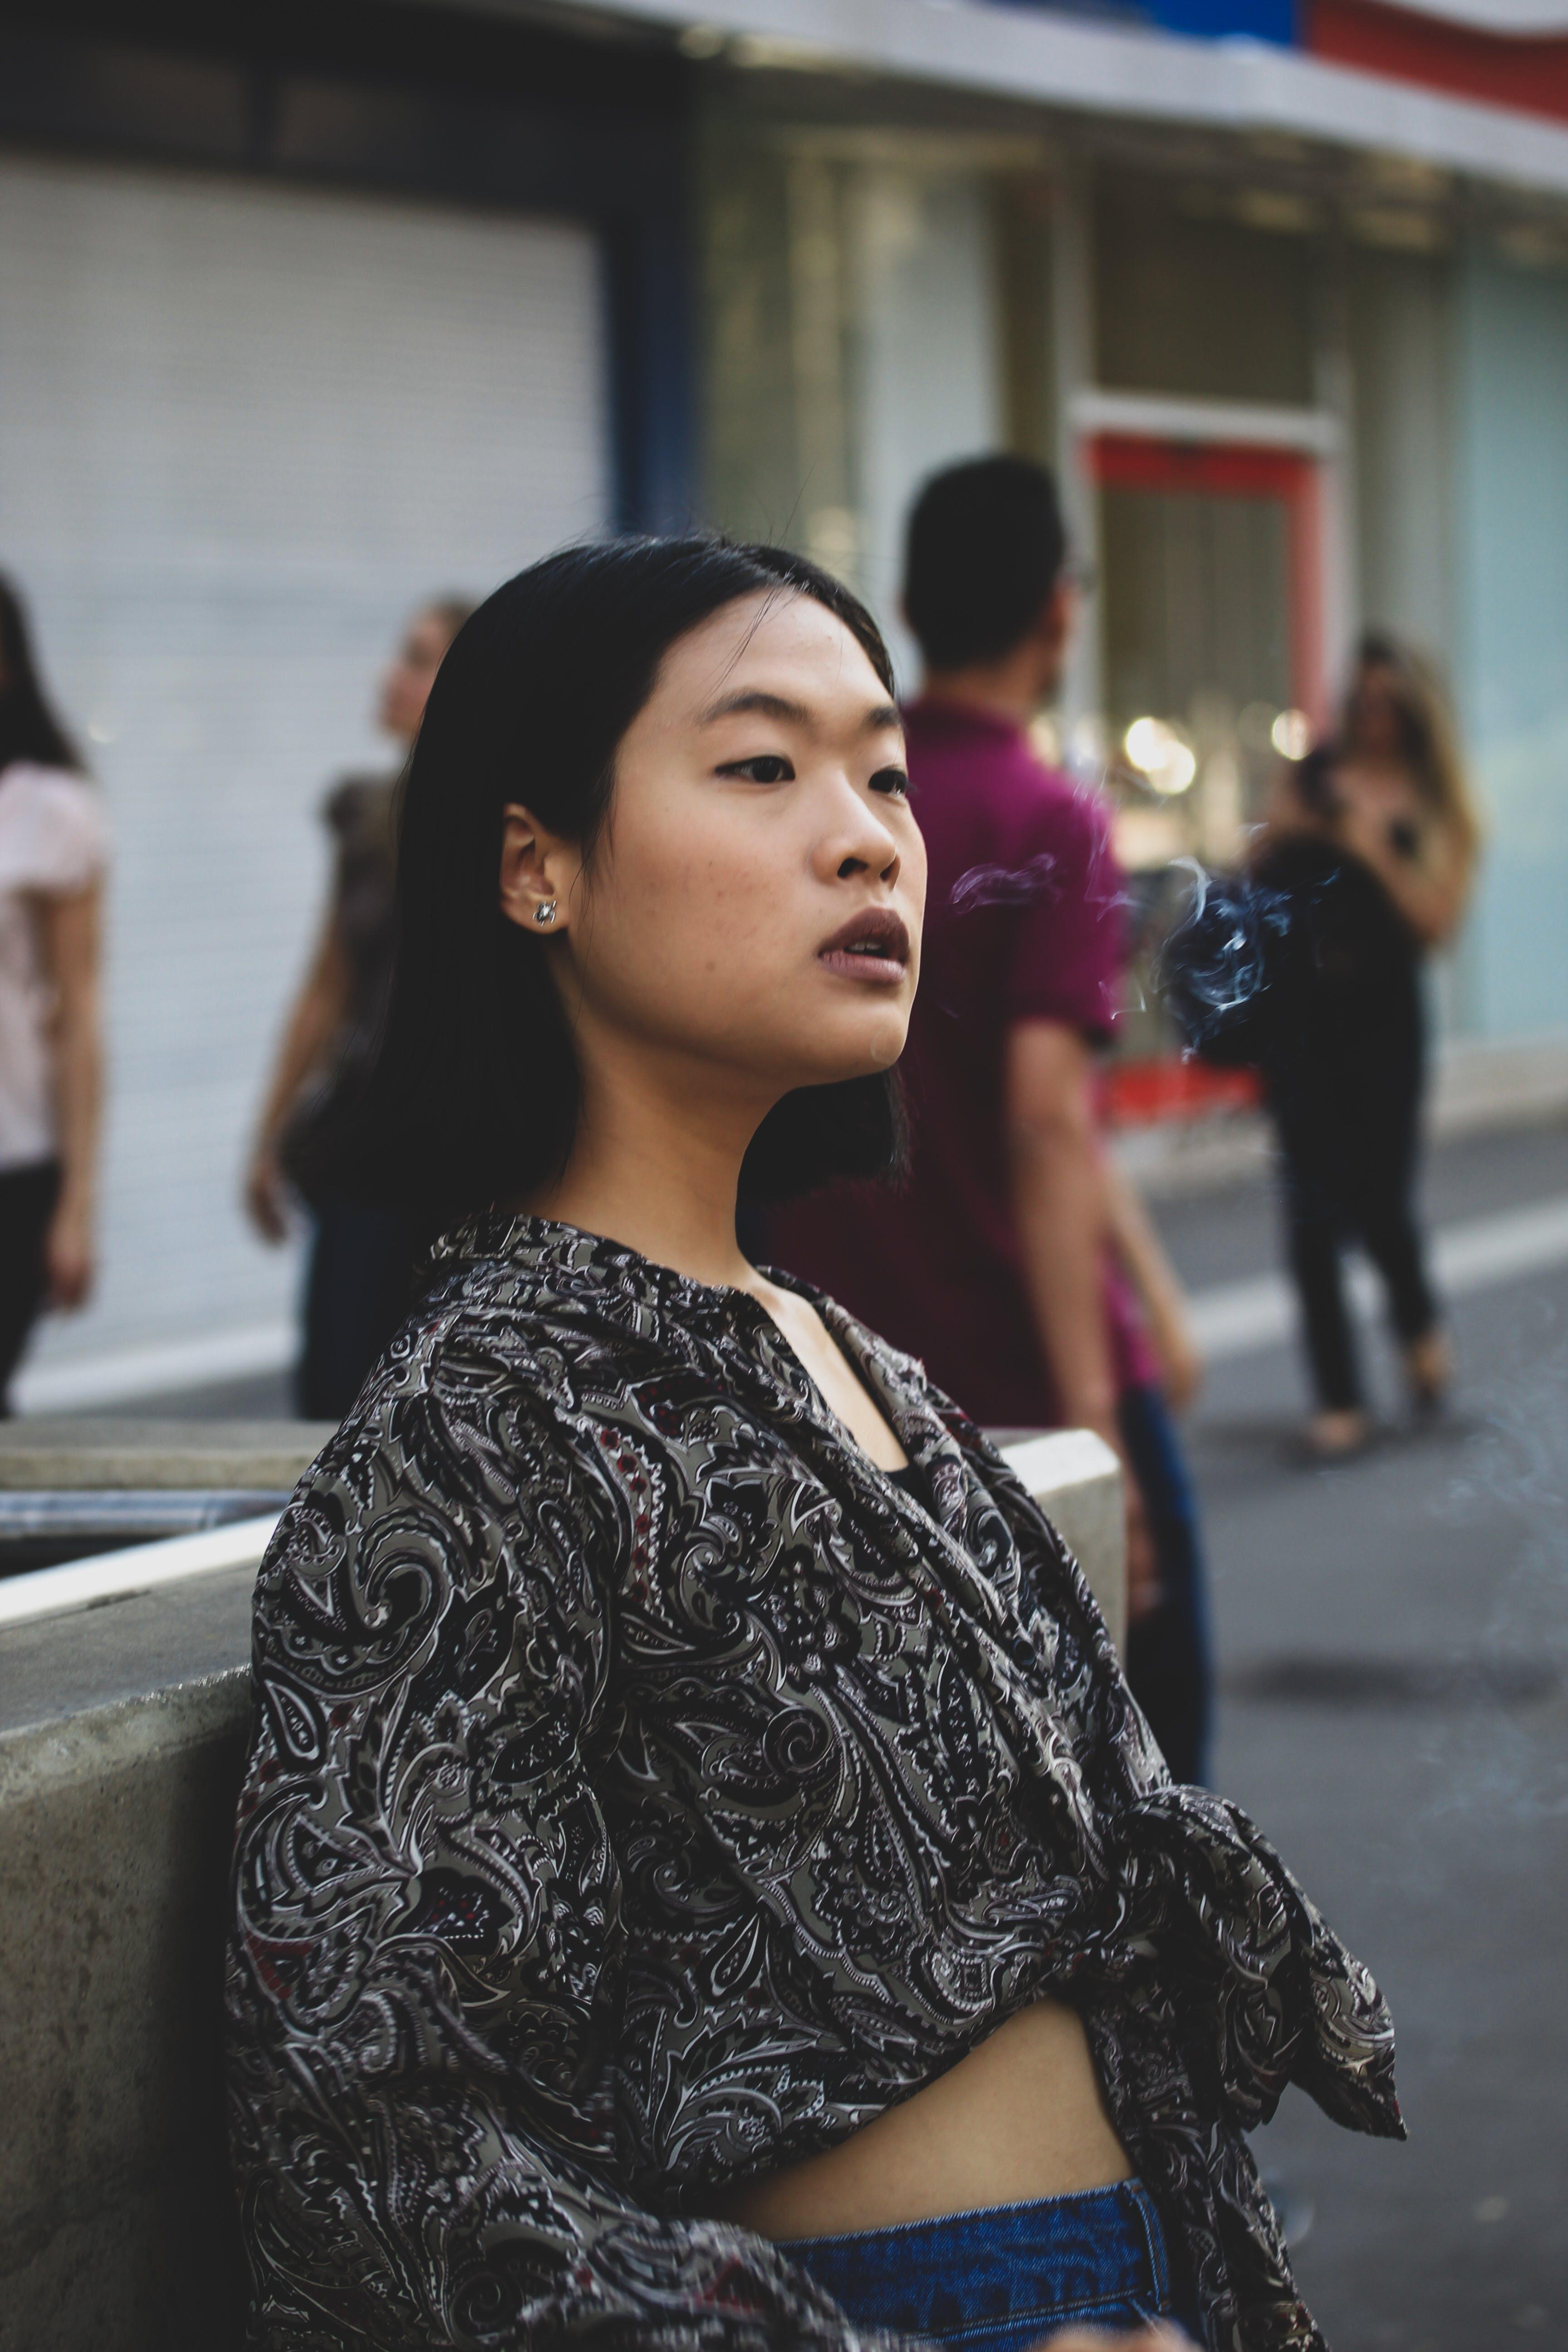 Kostenloses Stock Foto zu asiatische frau, frau, gesichtsausdruck, informell